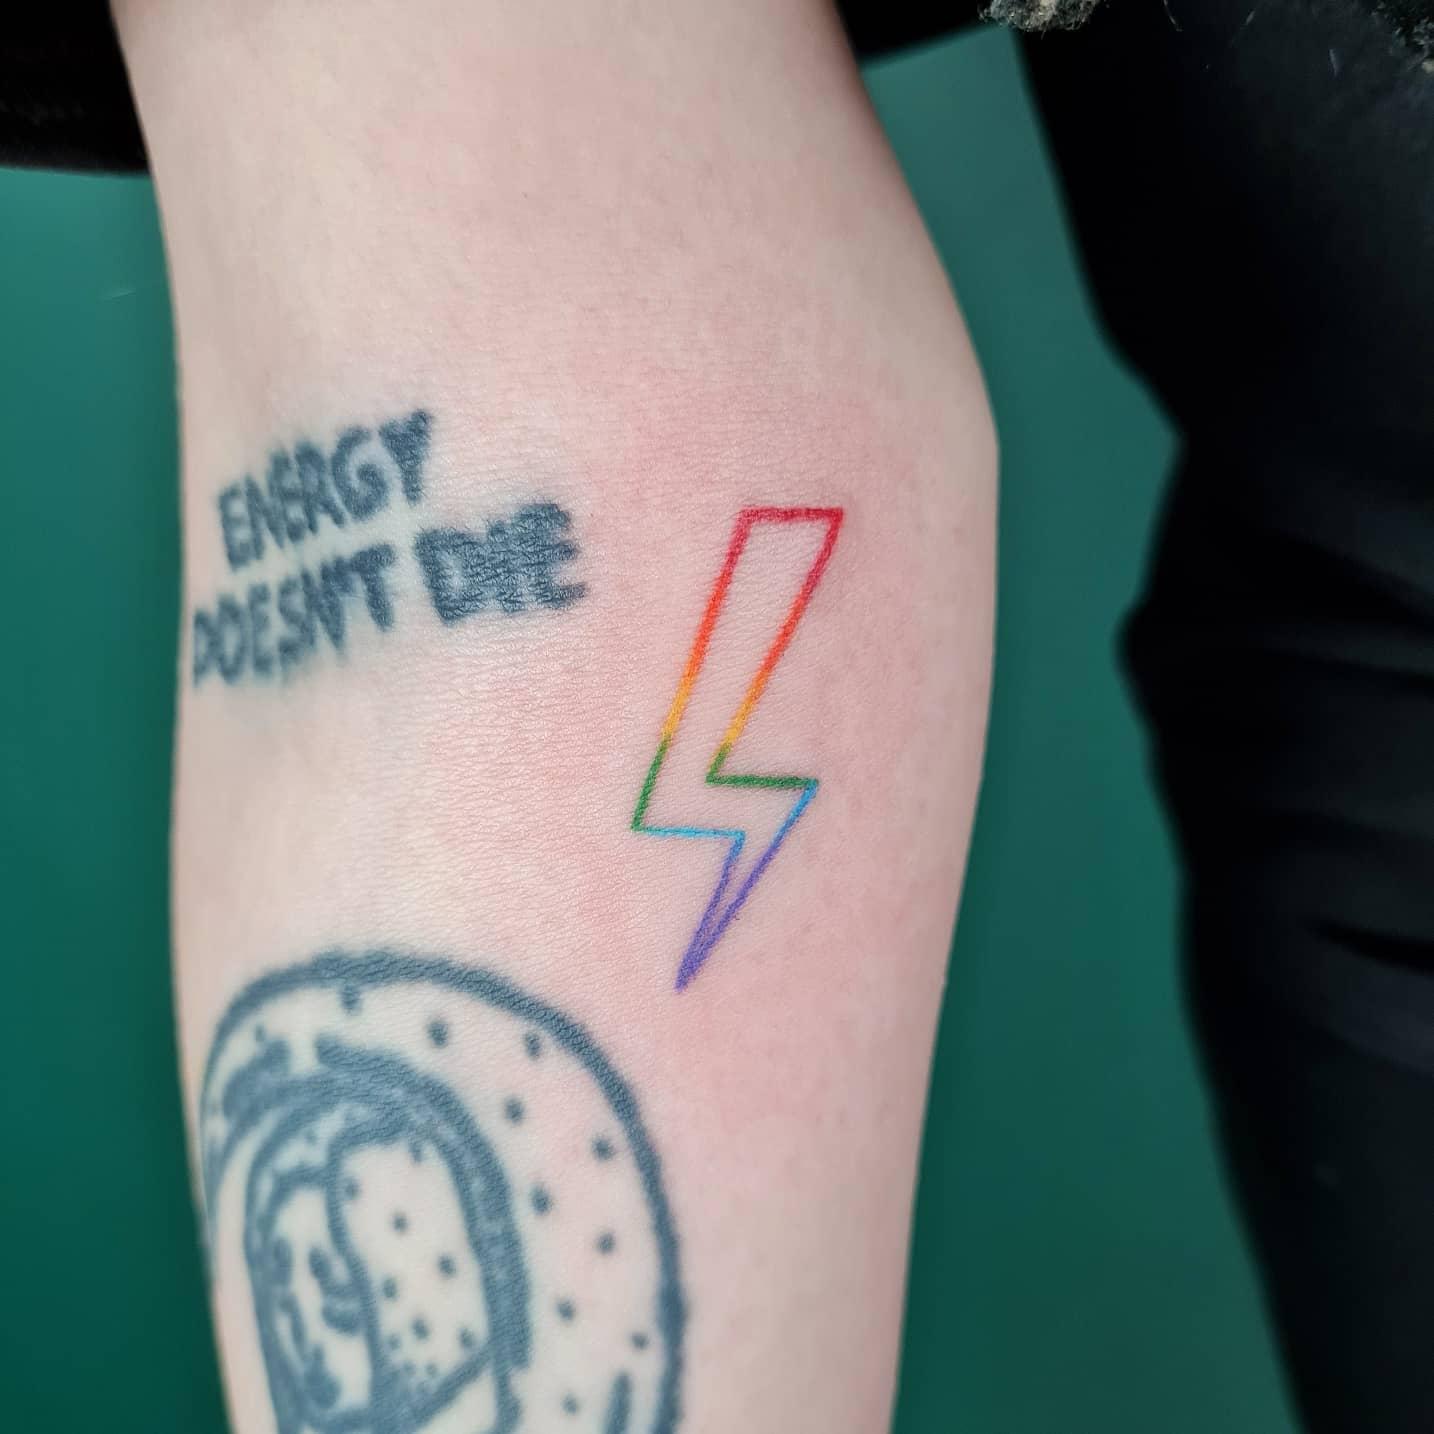 Inksearch tattoo Magdalena Pachla - Potatoo Tattoo